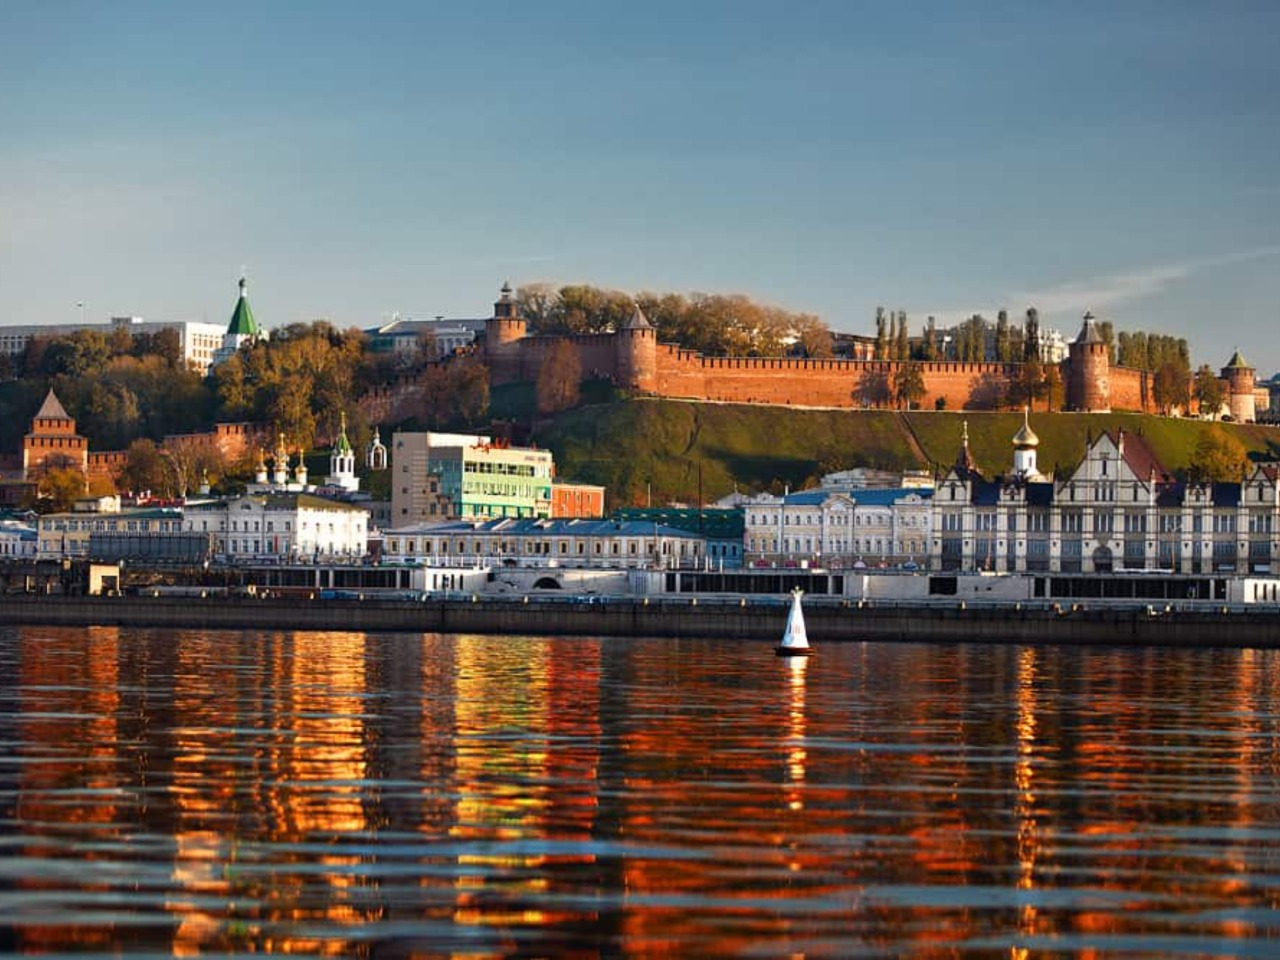 Обзорная задорная по городу пешком - индивидуальная экскурсия по Нижнему Новгороду от опытного гида